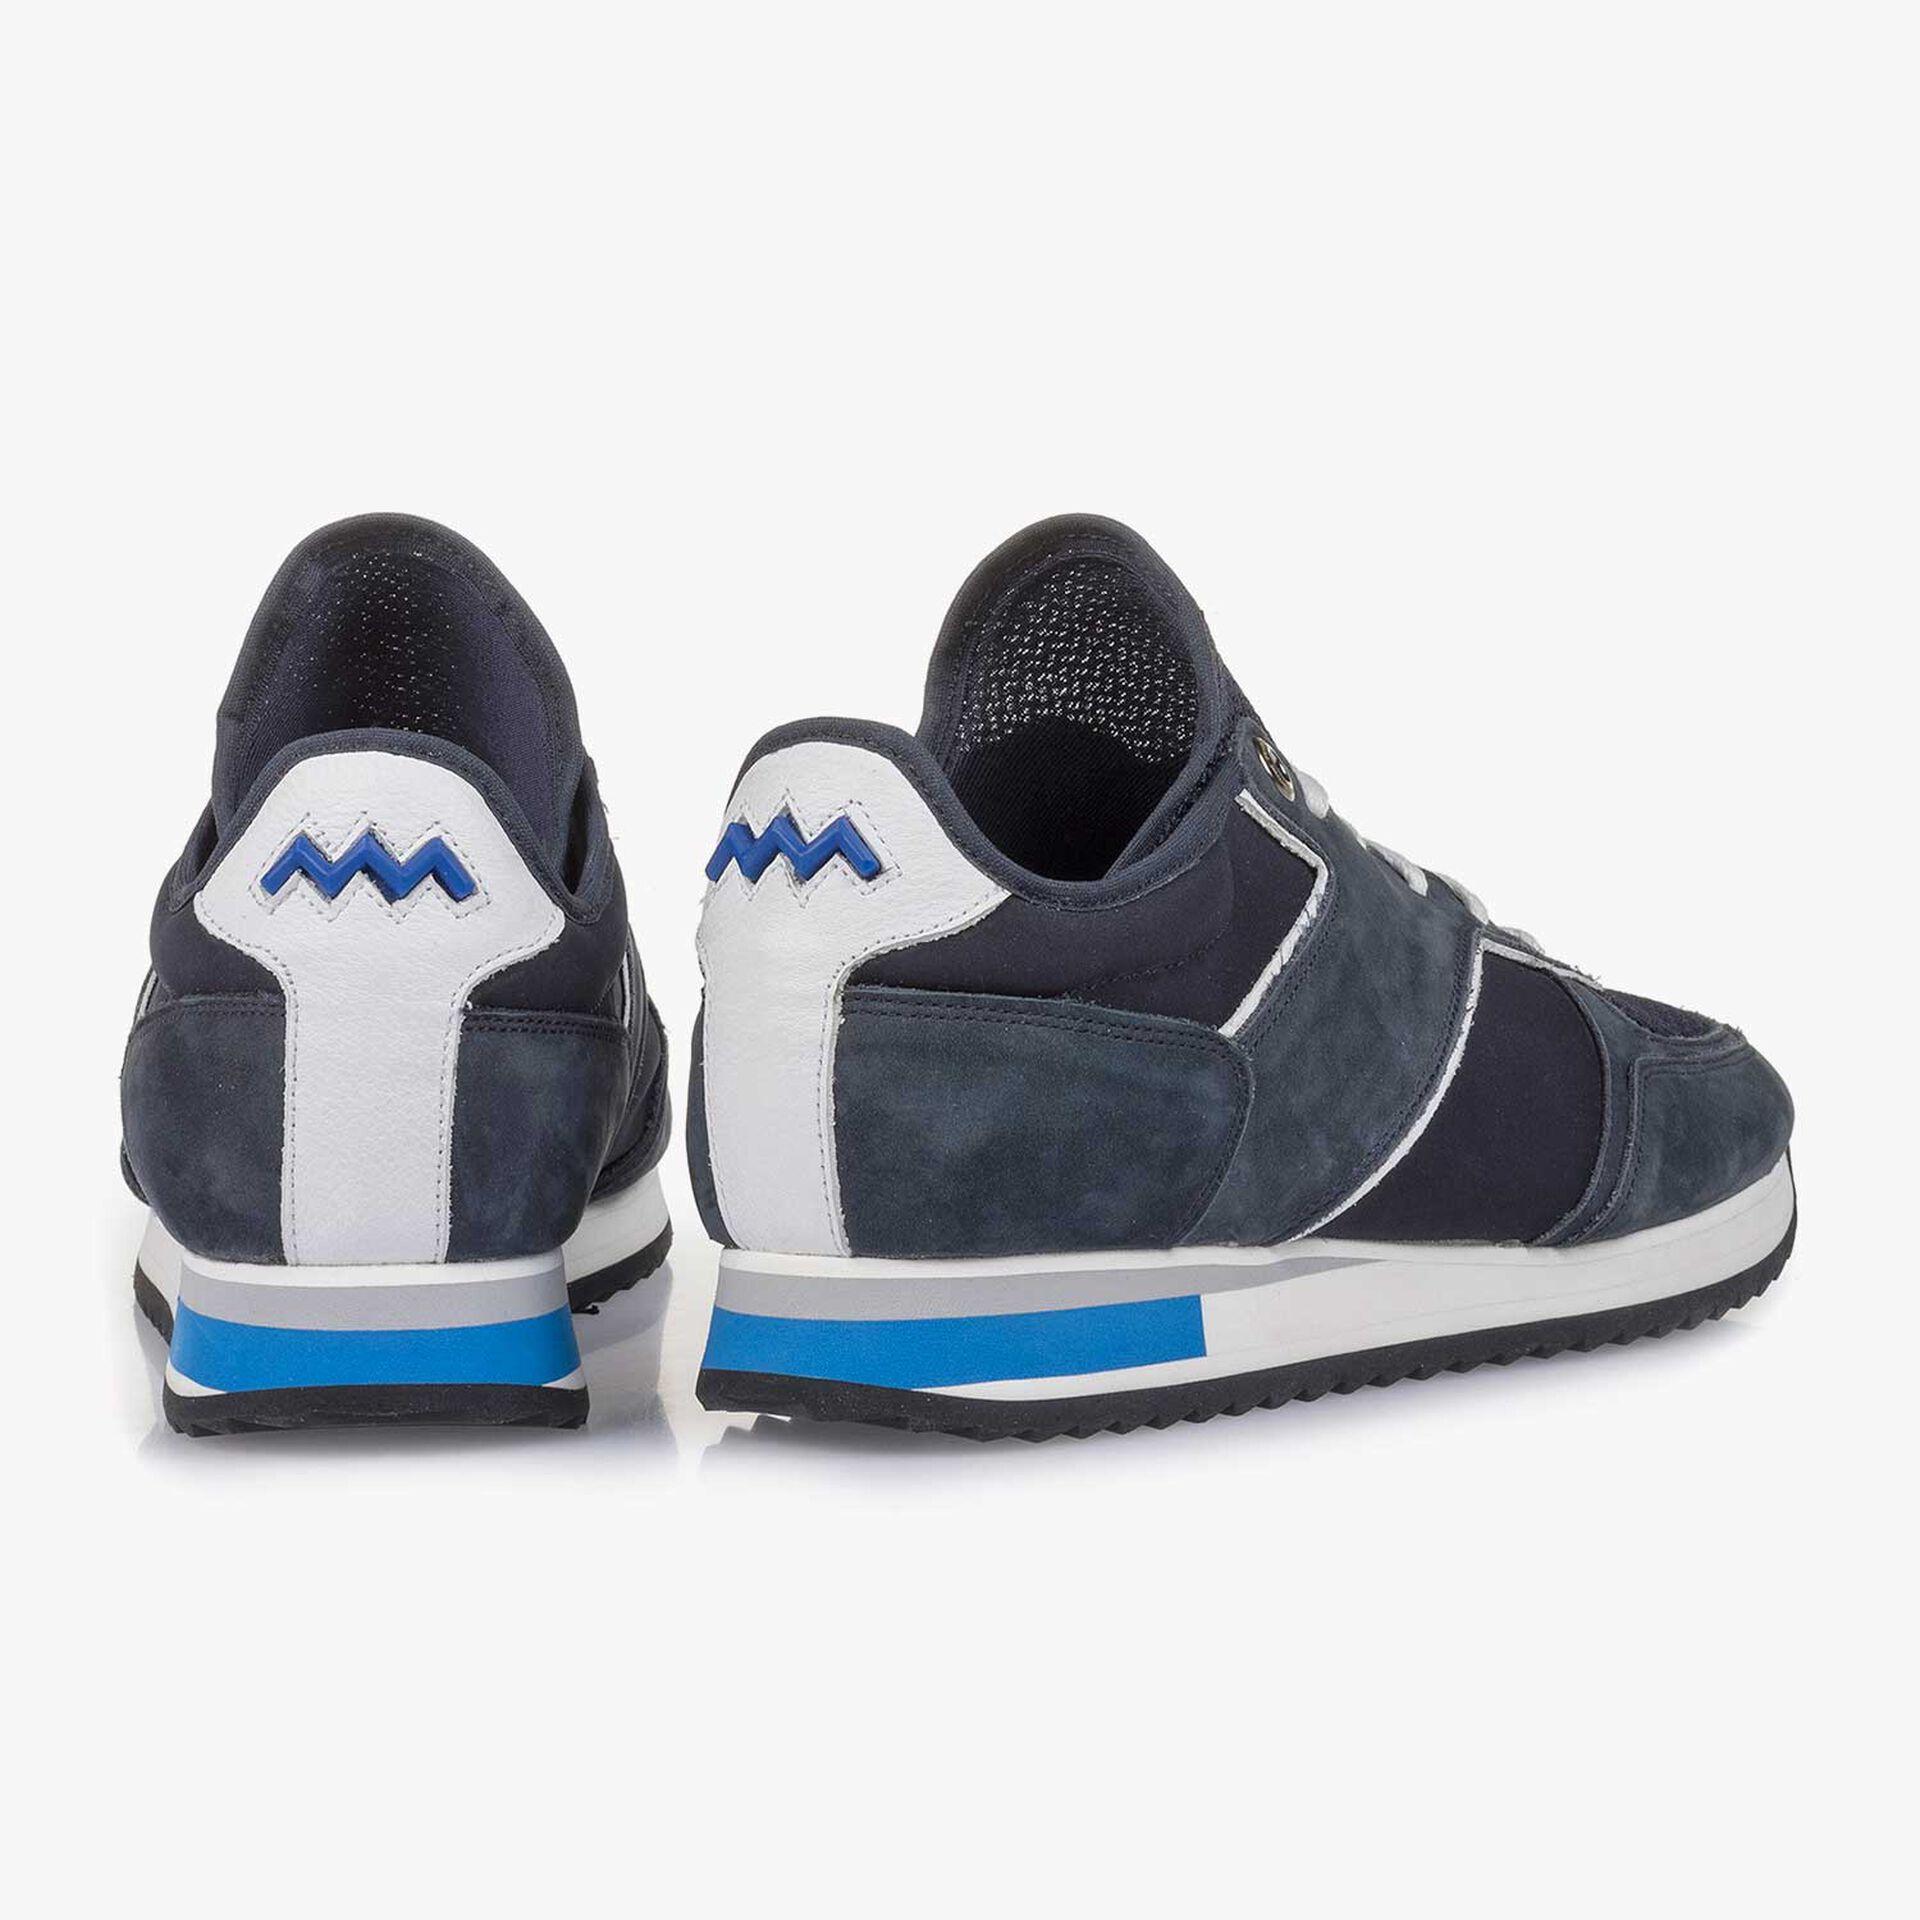 Donkerblauwe nubuckleren sneaker